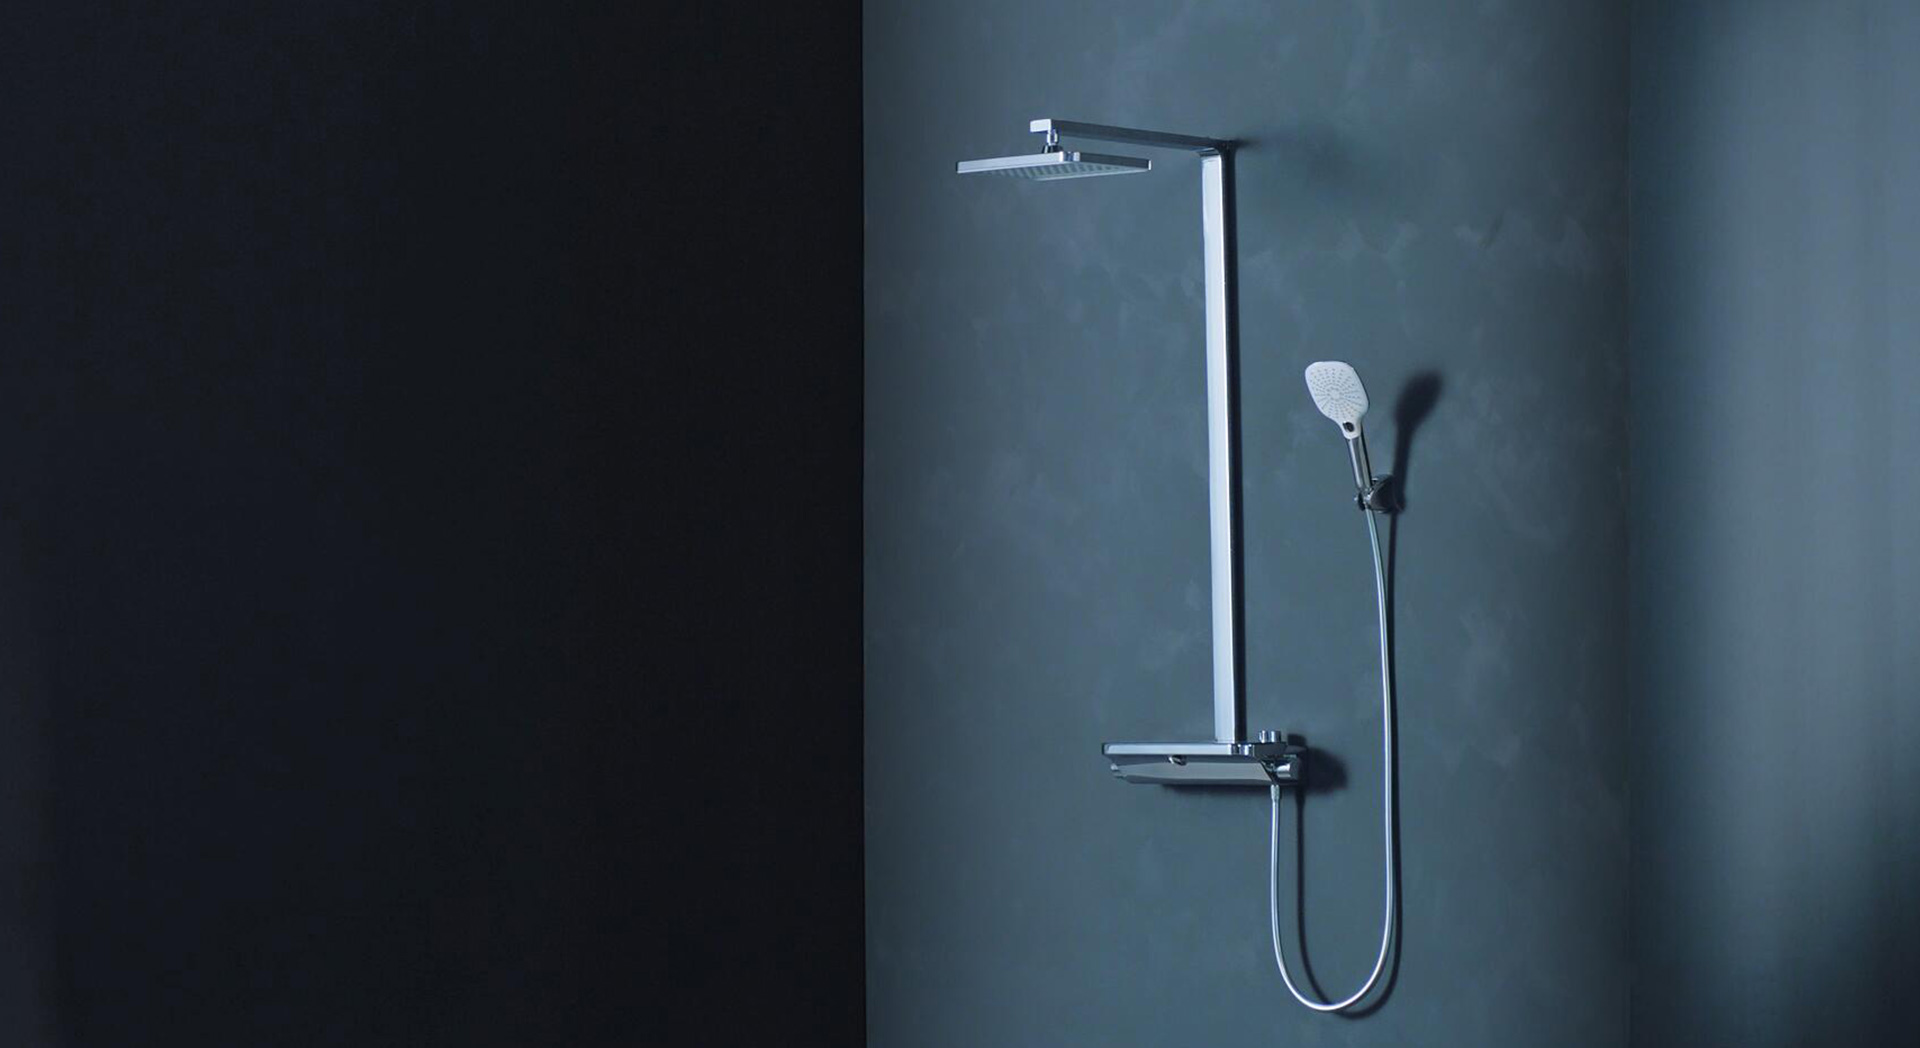 大白®U悦置物淋浴花洒   产品宣传片